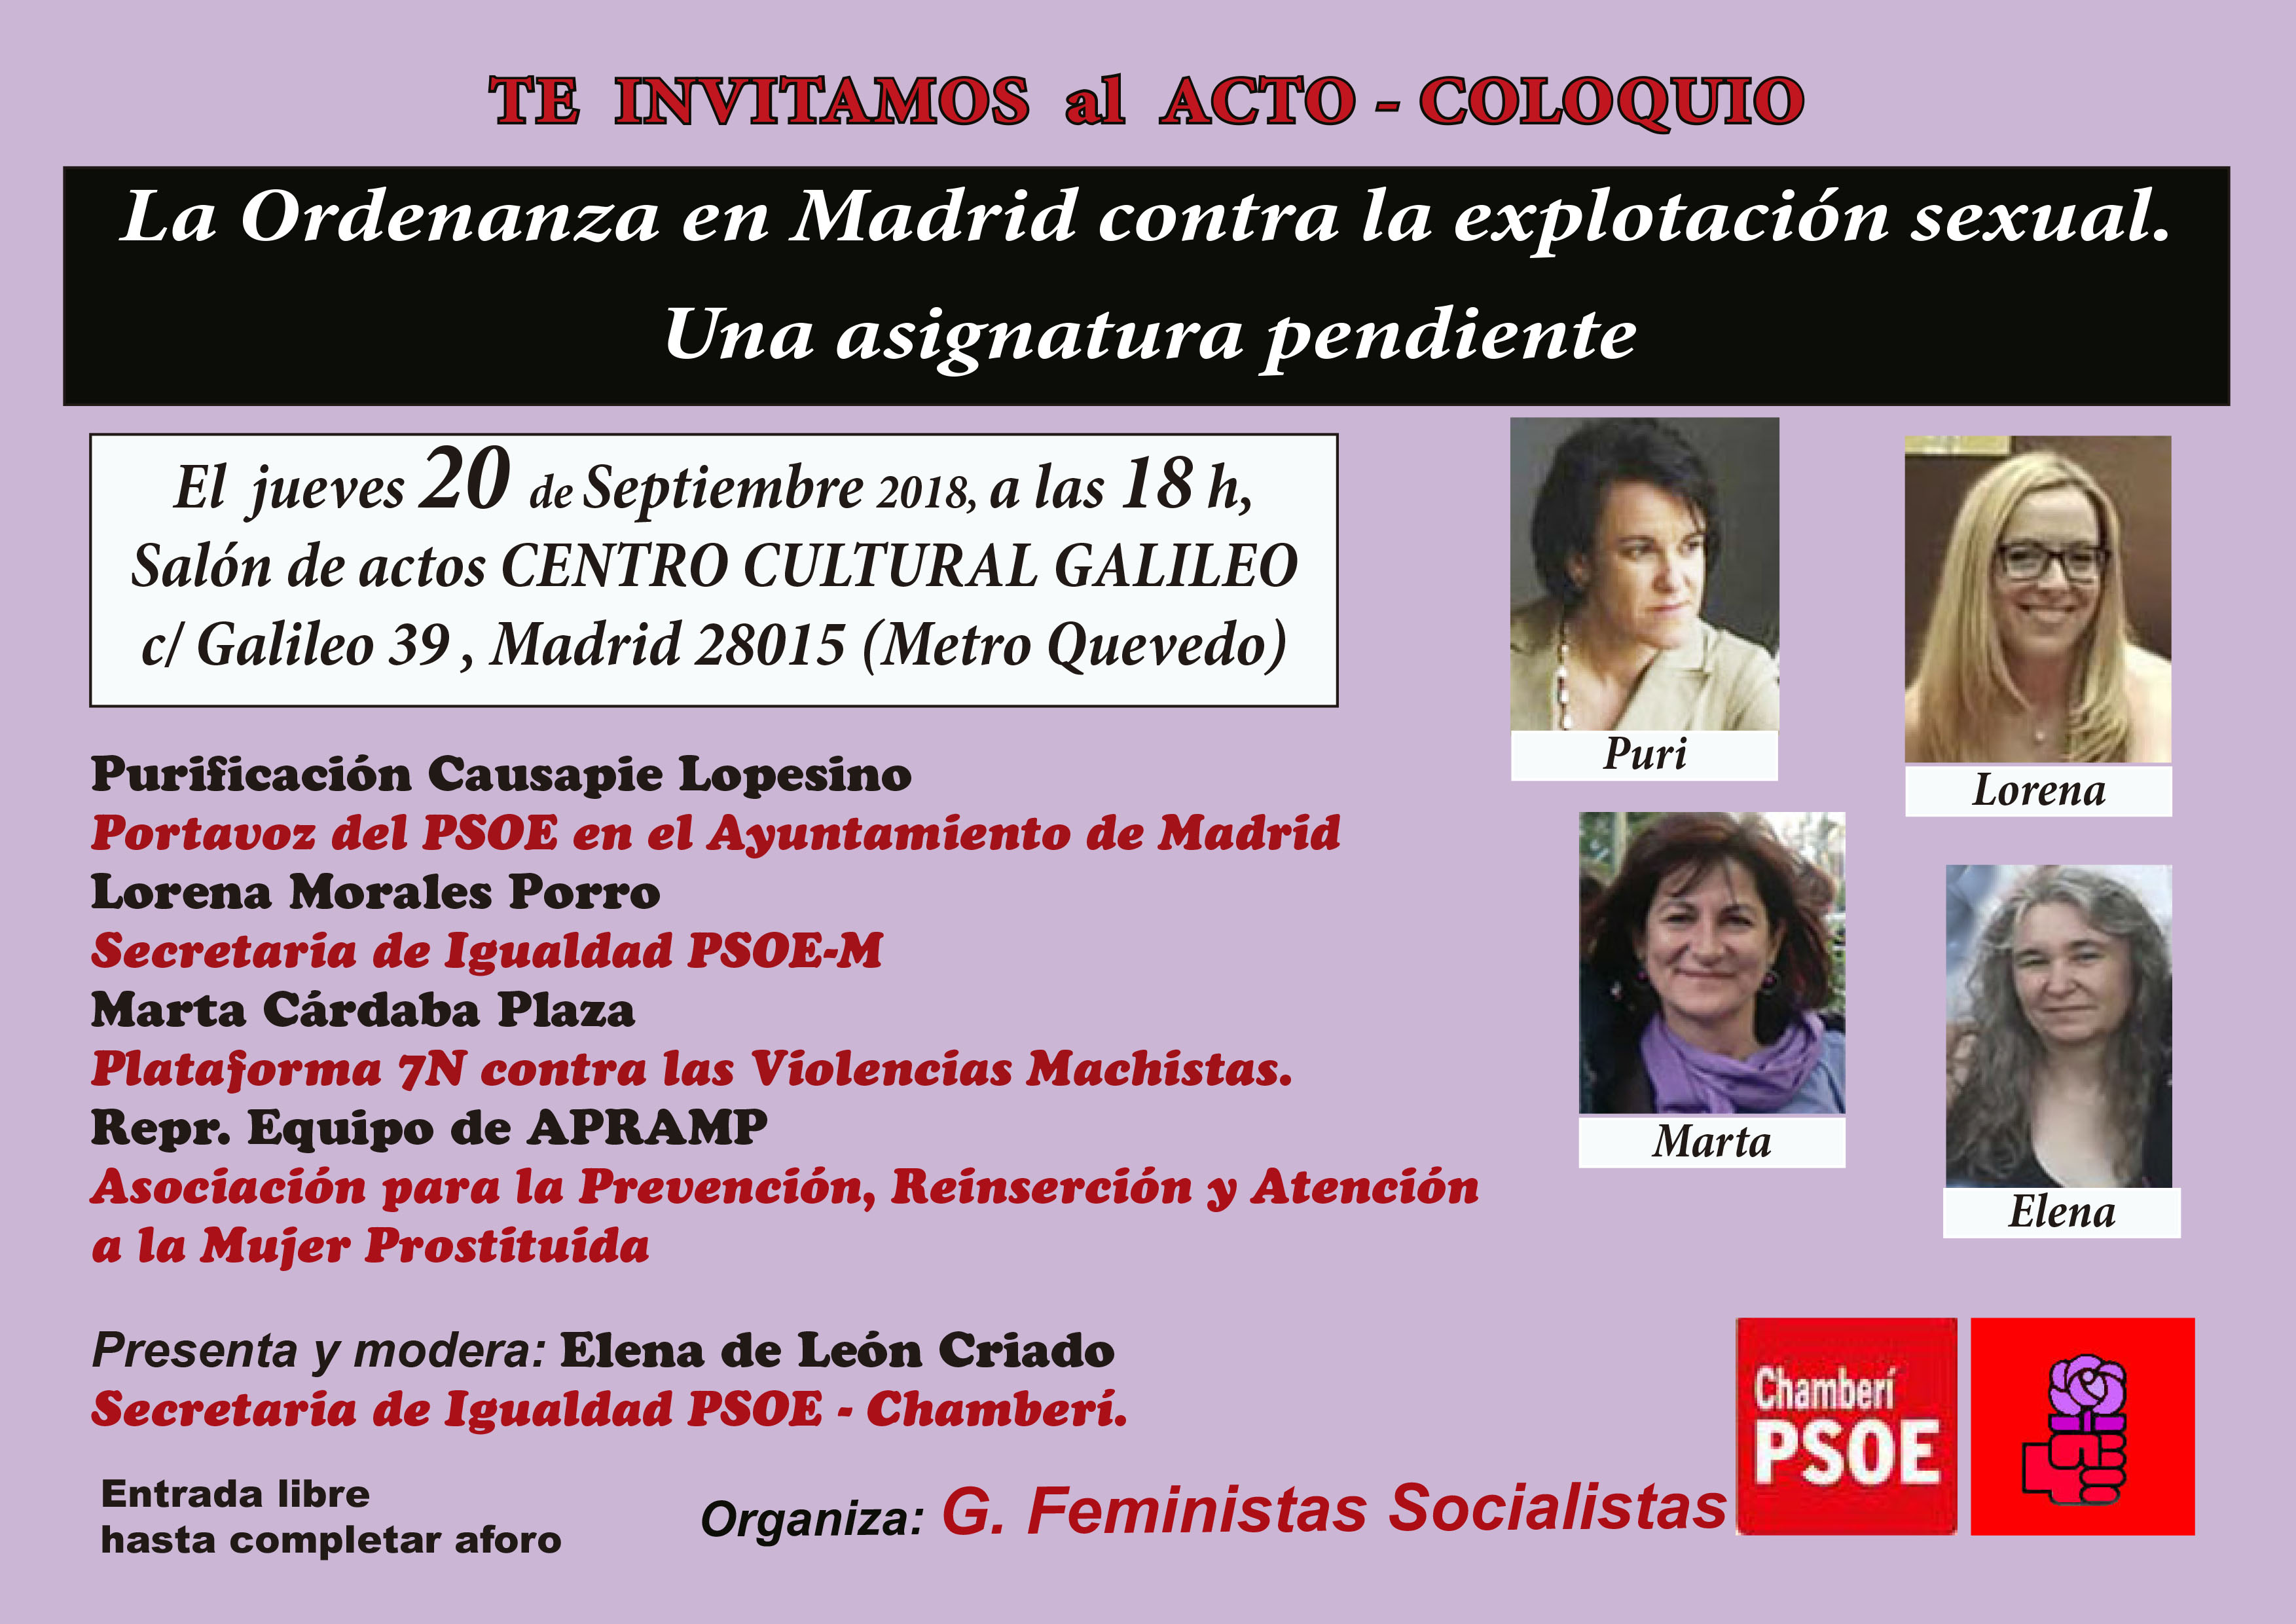 Invitación al Acto La Ordenanza en Madrid contra la explotación sexual.